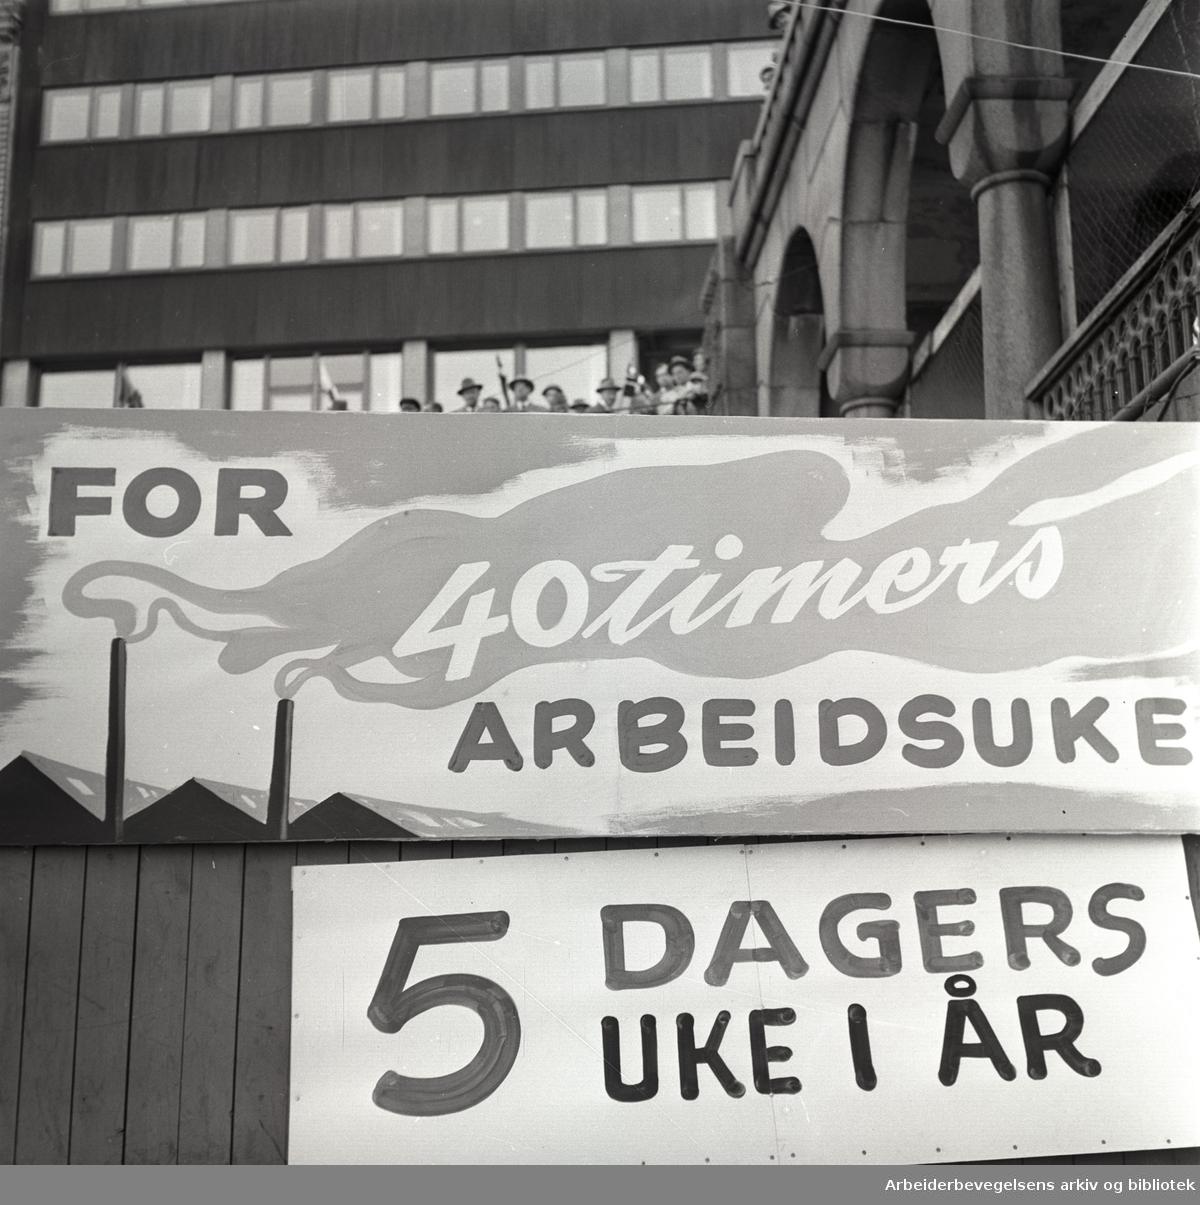 1. mai 1957, Youngstorget. Parole: For 40 timers arbeidsuke. Parole: 5 dagers uke i år.